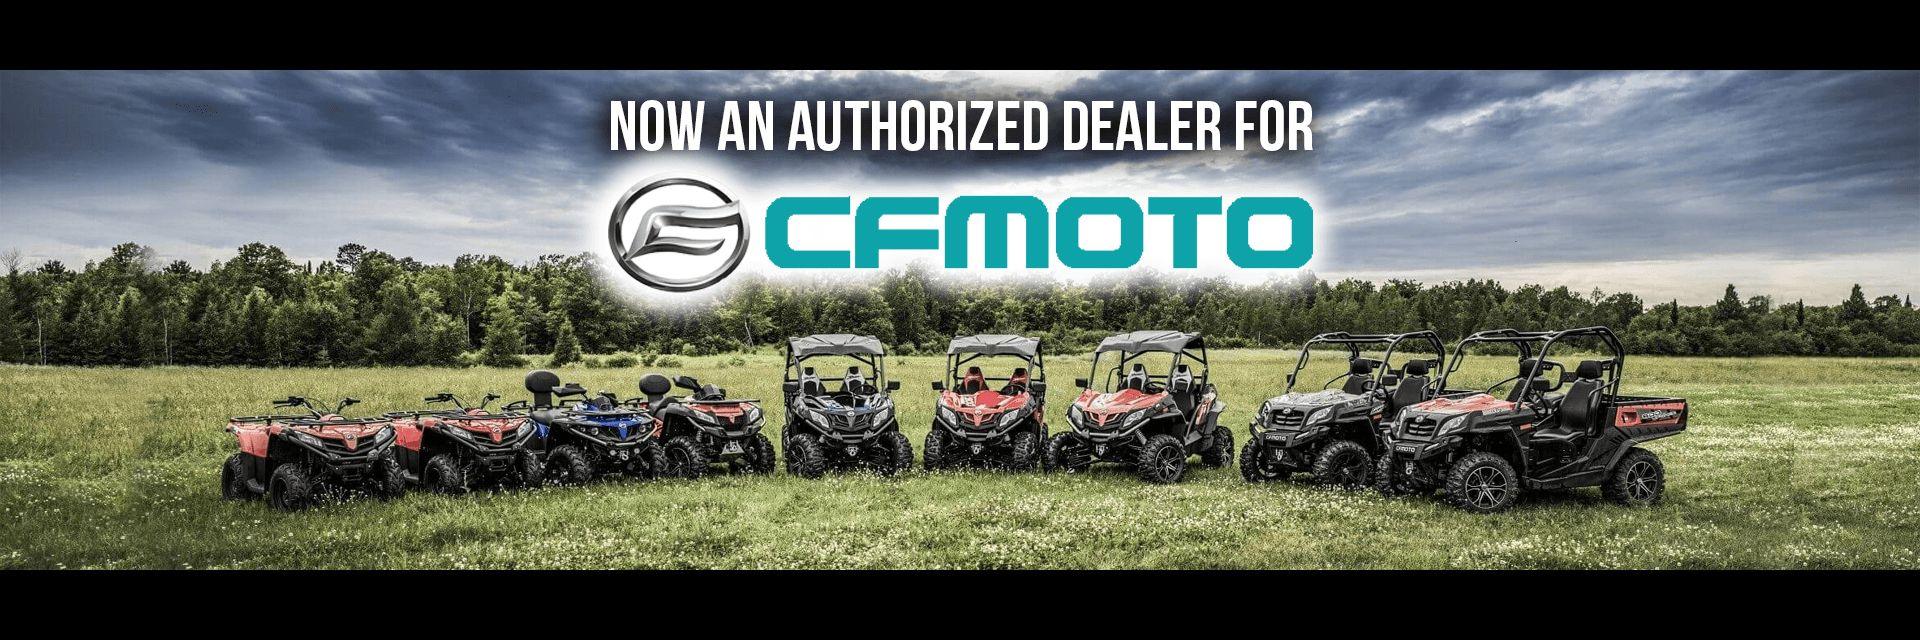 CFmoto_authorized